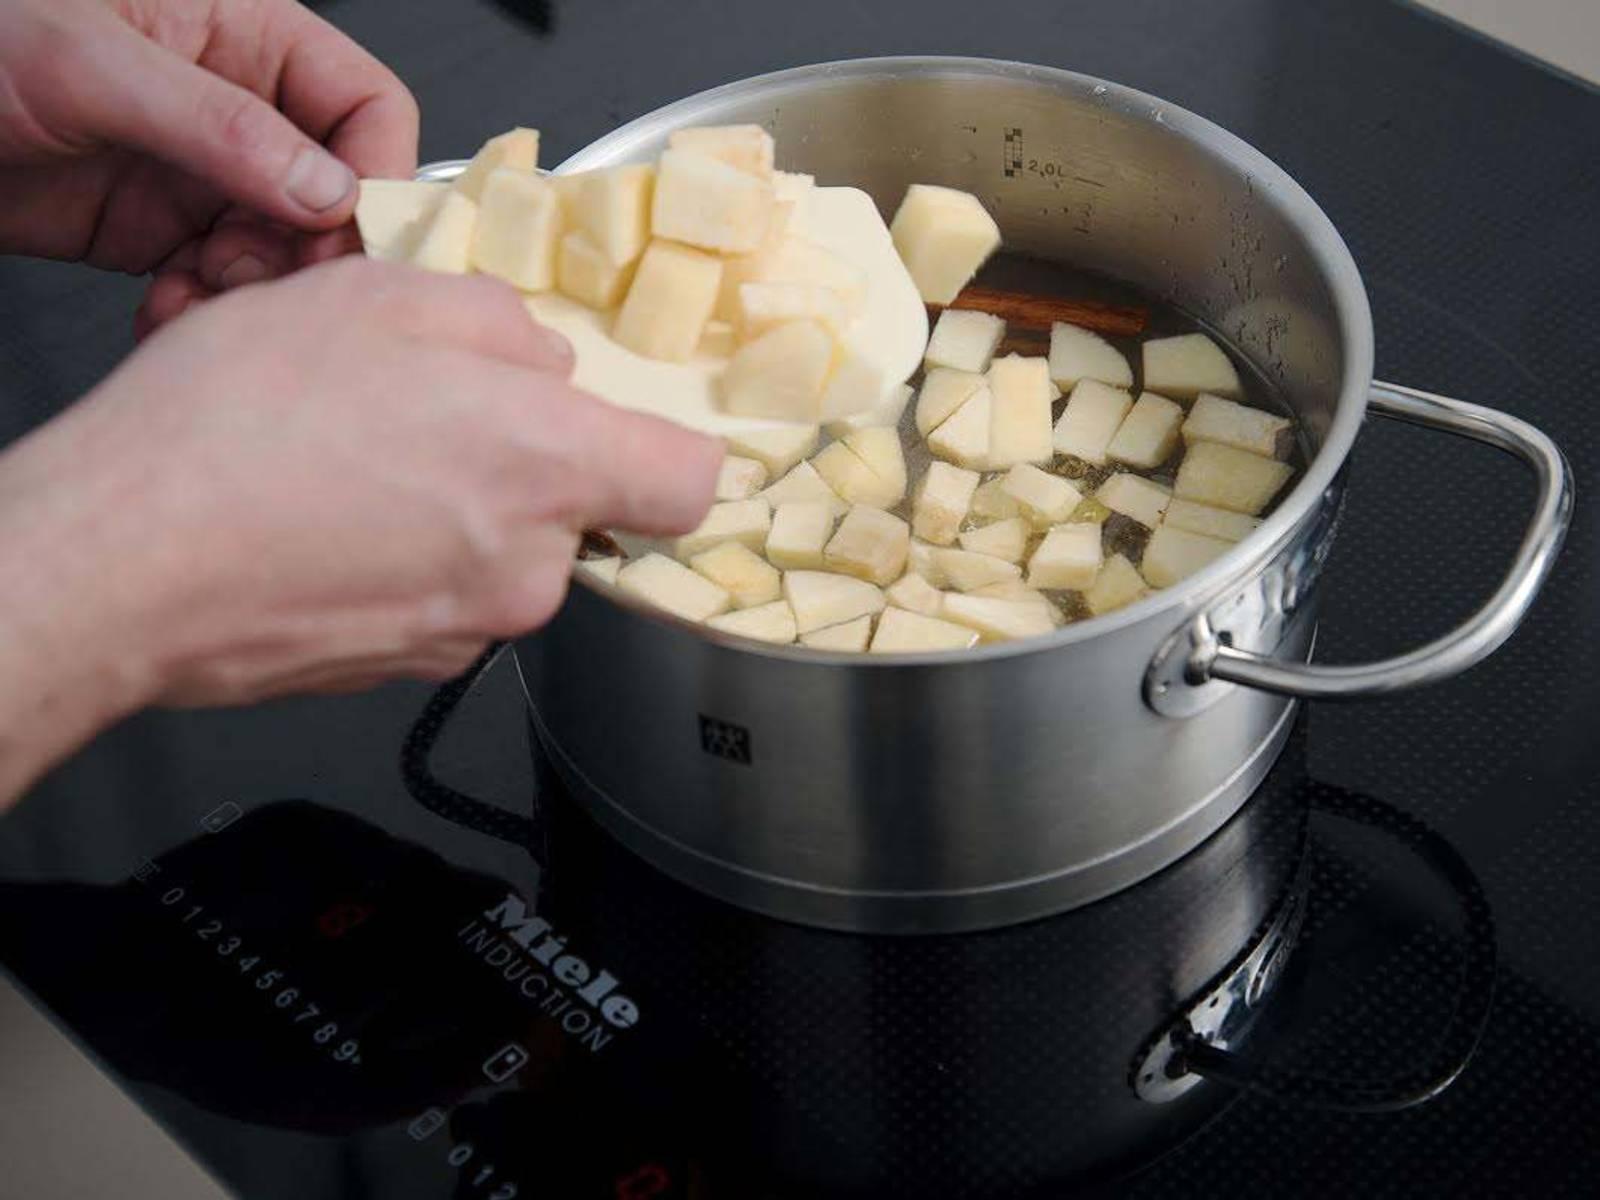 Wasser, Zucker, Vanilleschote, Zimtstangen, Sternanis und Quittenstückchen in einen großen Topf geben. Zum Kochen bringen, danach die Hitze reduzieren und abgedeckt ca. 10 Min. köcheln lassen. Vom Herd nehmen. Die Quitten aus dem Sirup schöpfen und auf einem Teller ca. 1 Stunde auskühlen lassen.